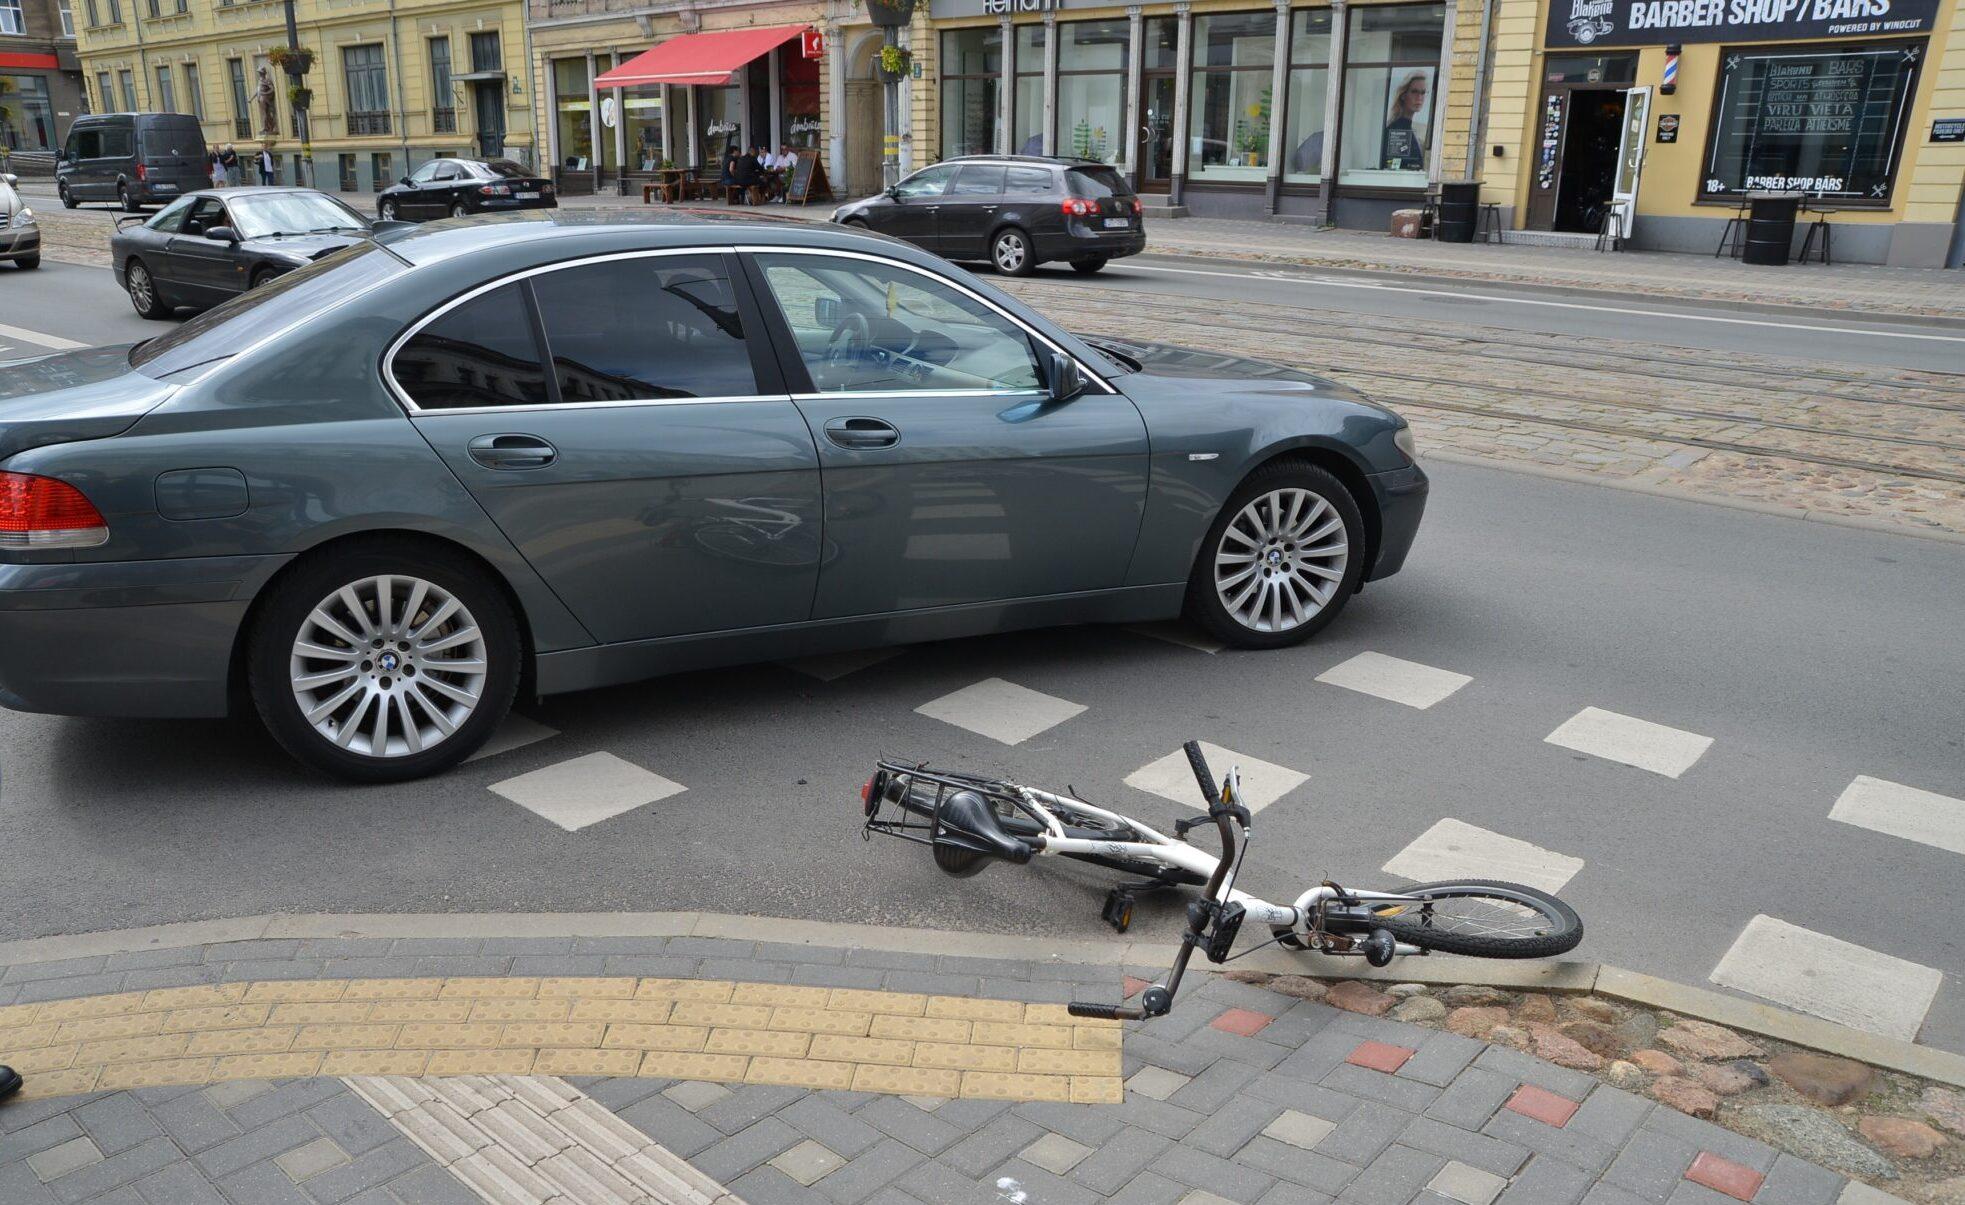 Lielā ielā velosipēdiste saduras ar automašīnu